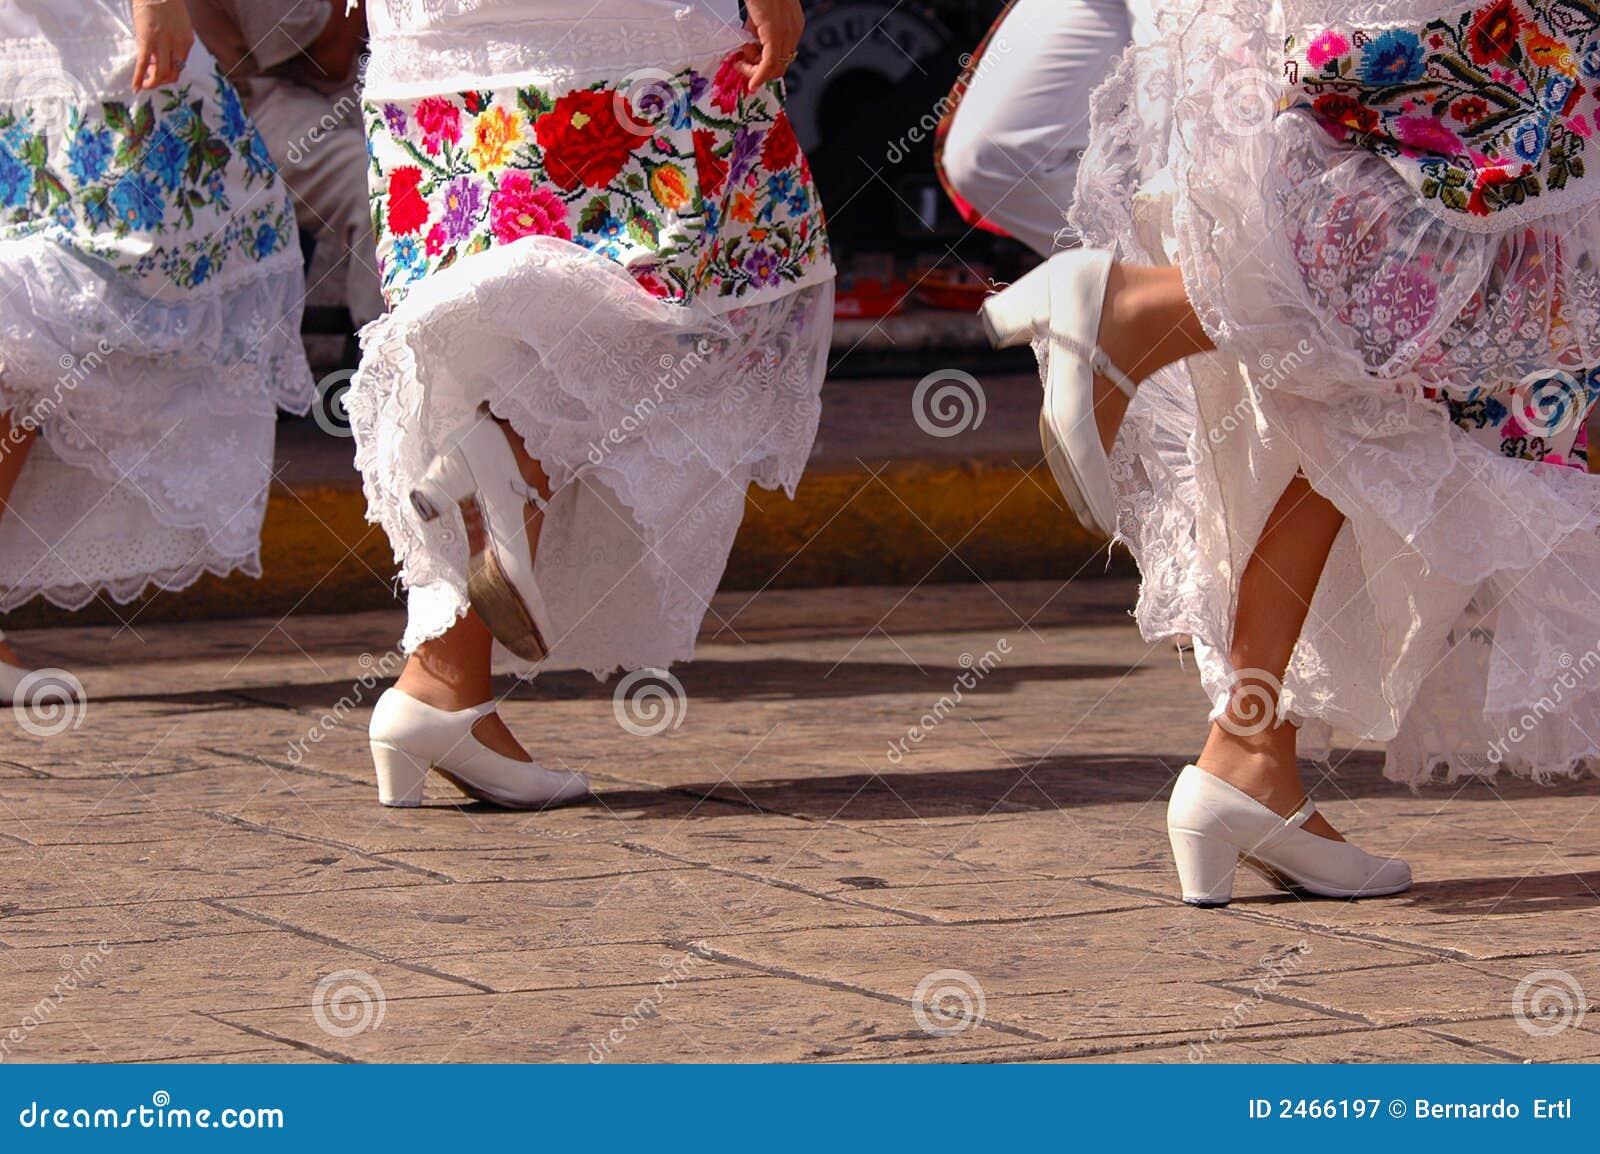 Danseurs folkloriques au Mexique